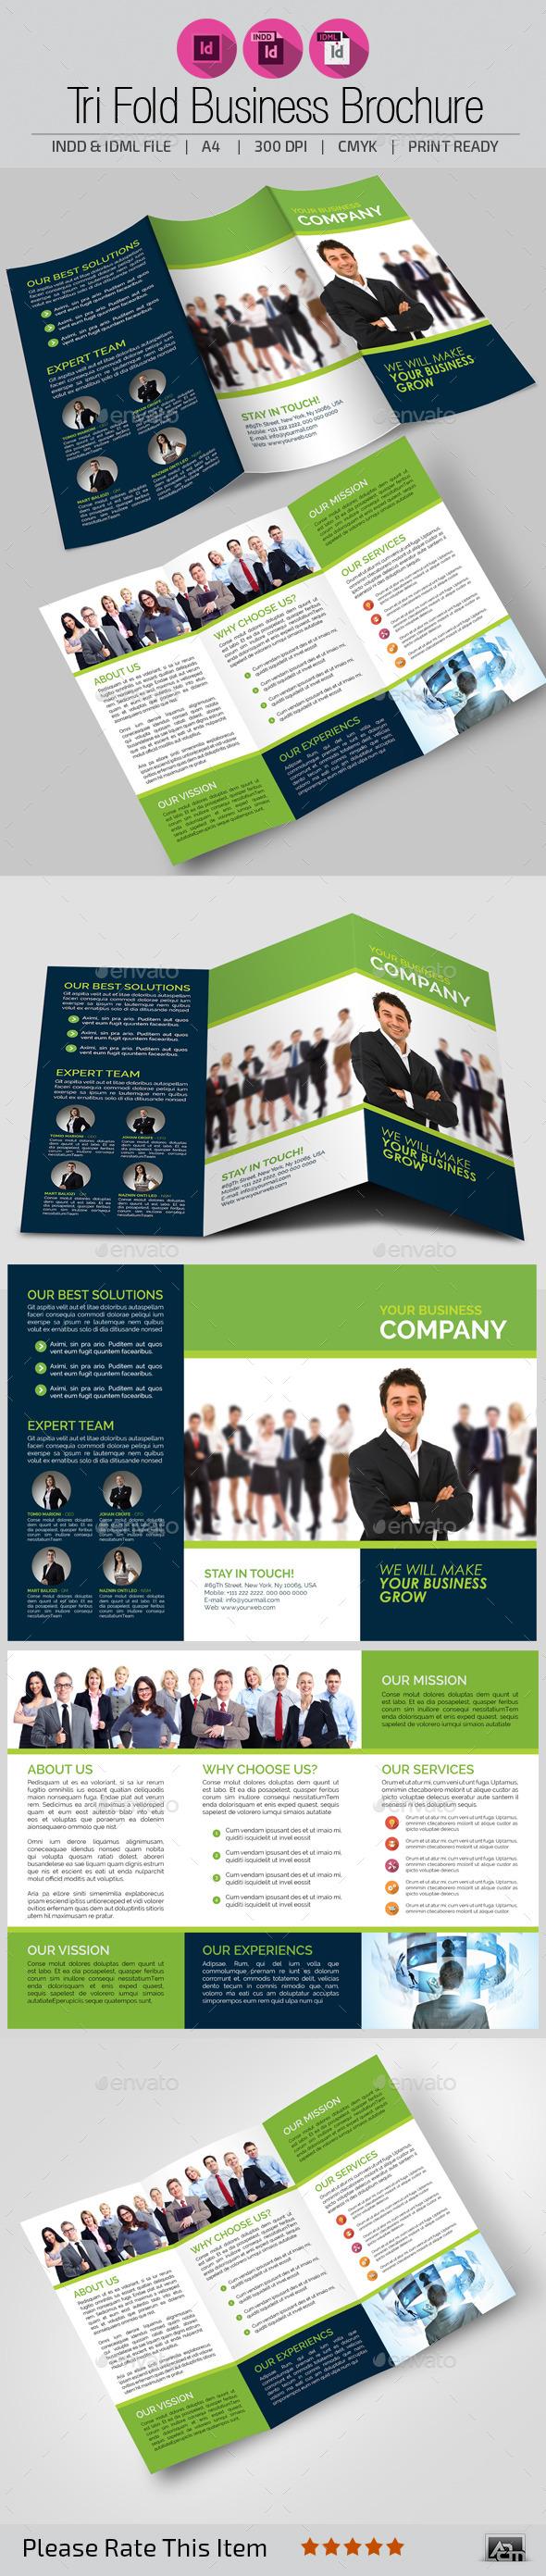 GraphicRiver Tri Fold Brochure Template 10981471